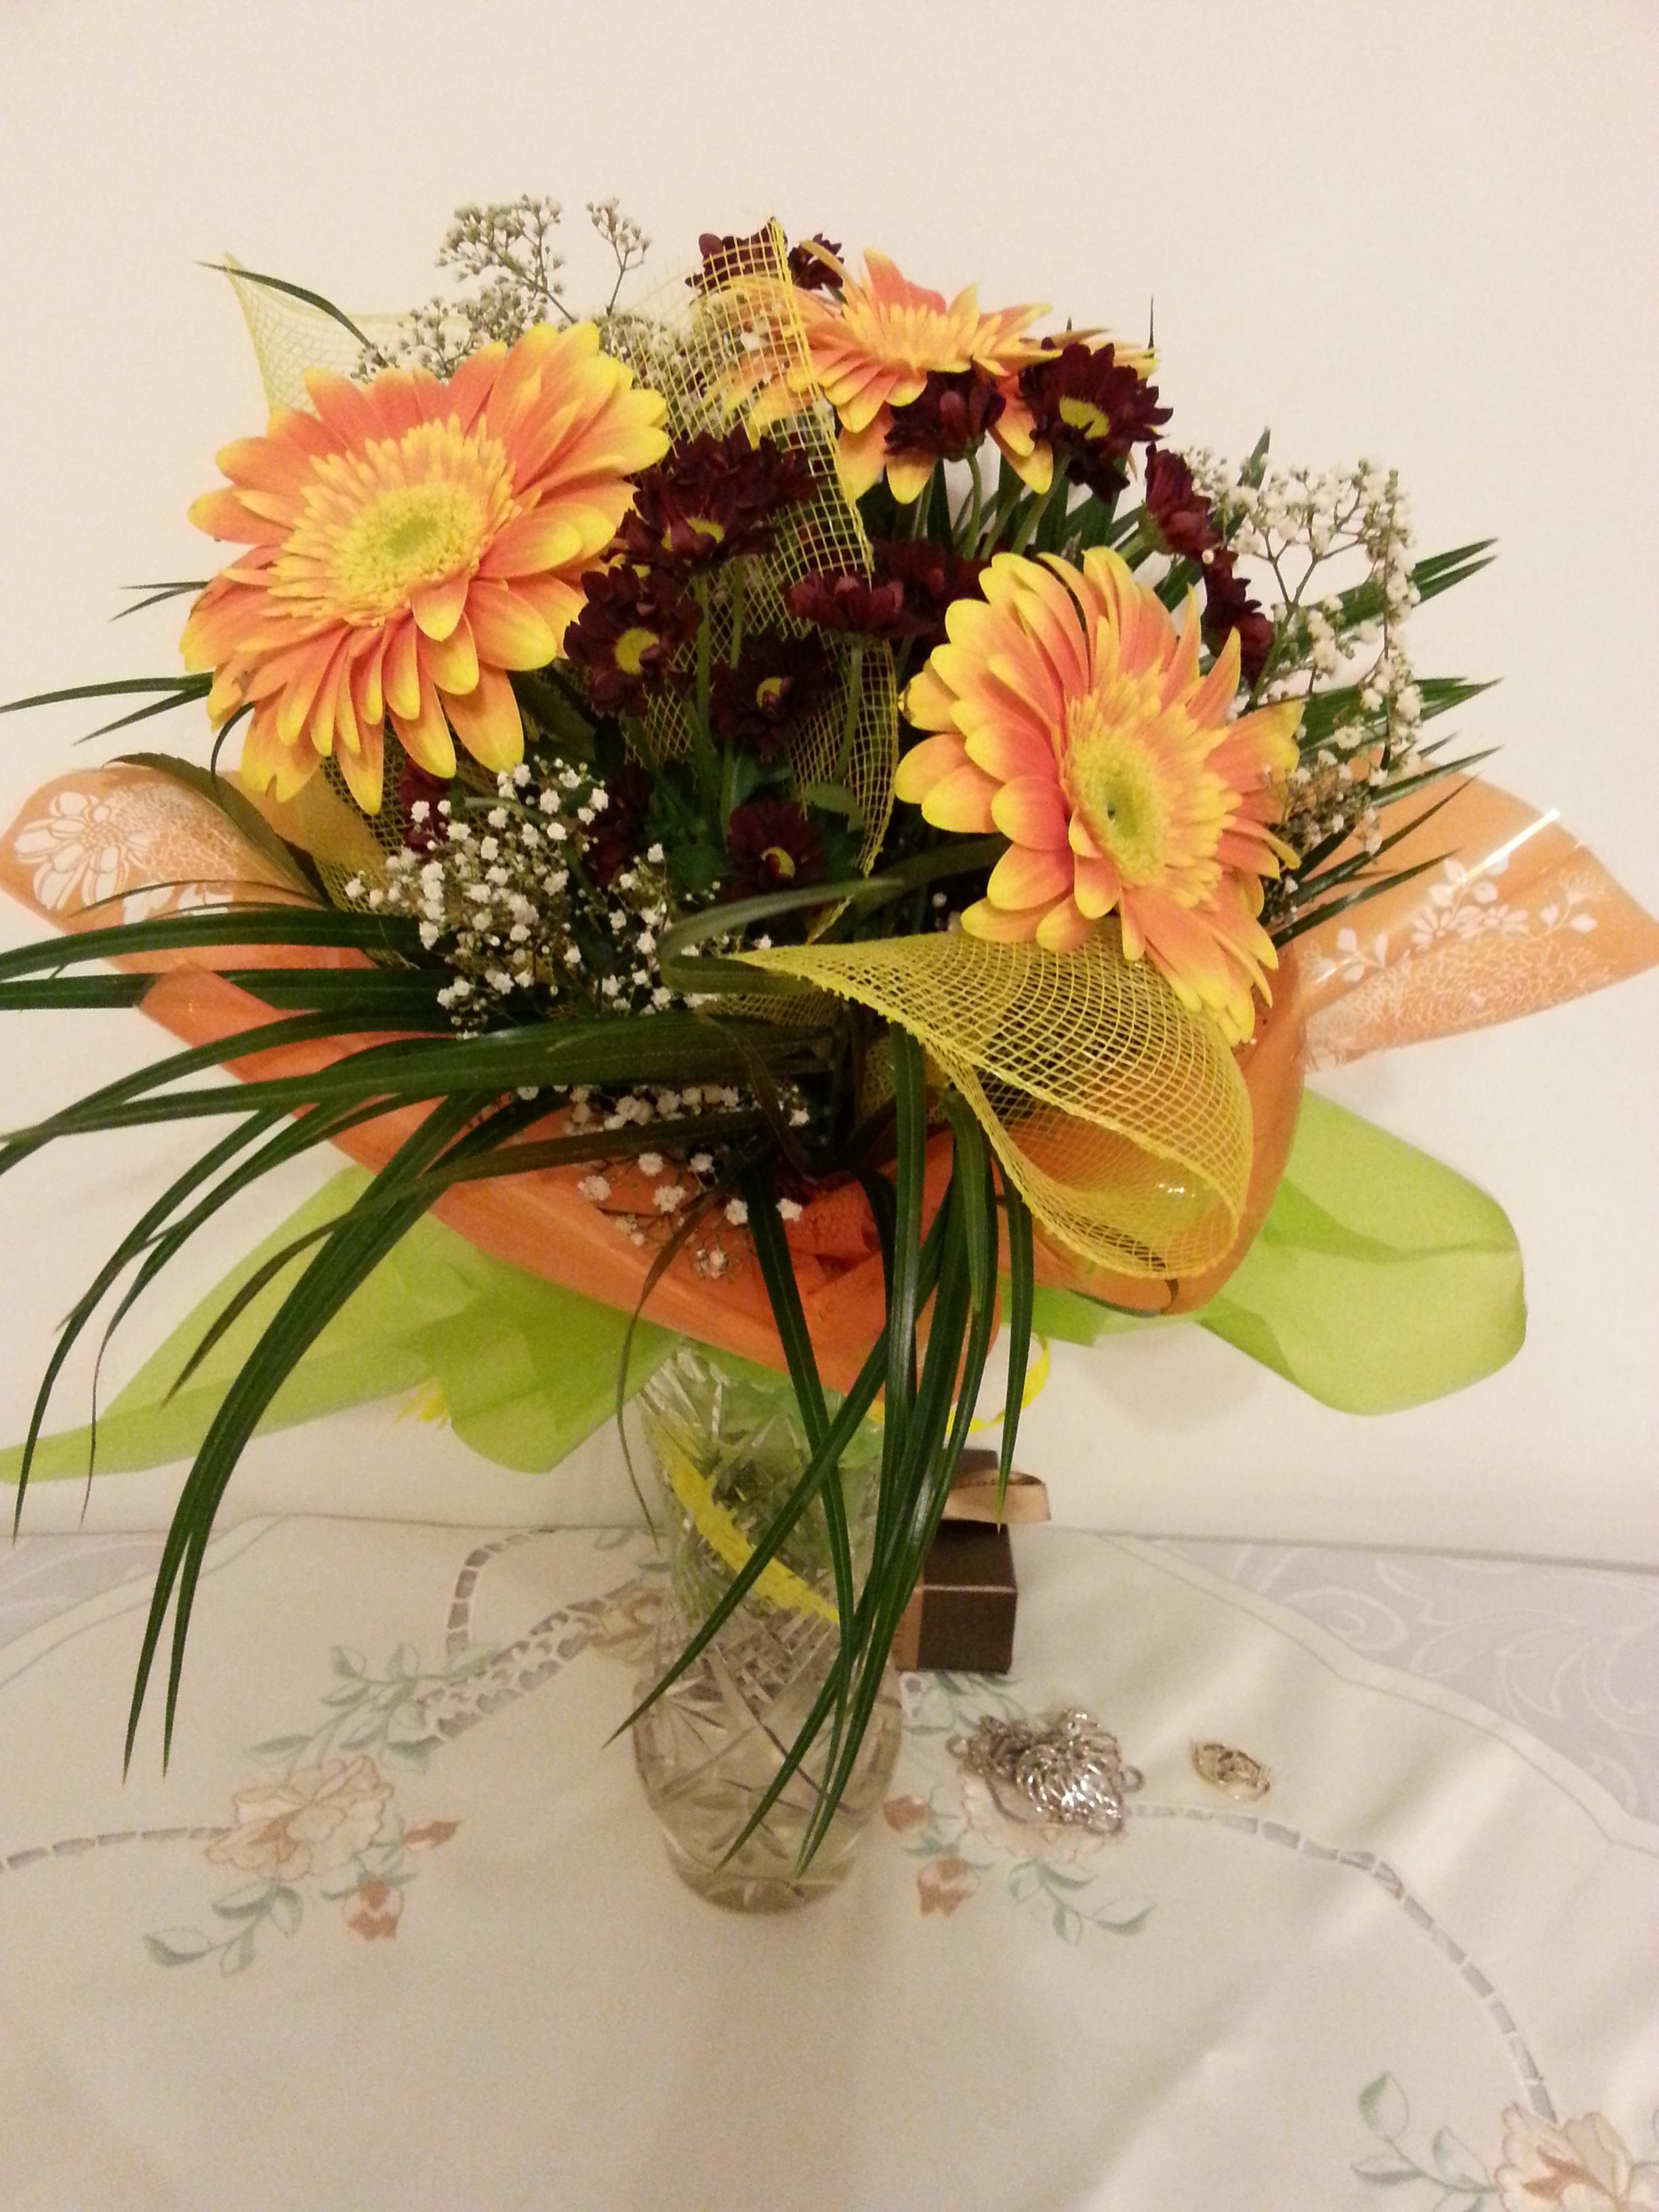 Images Gratuites Vase Jaune Flore Composition Pot De Fleur